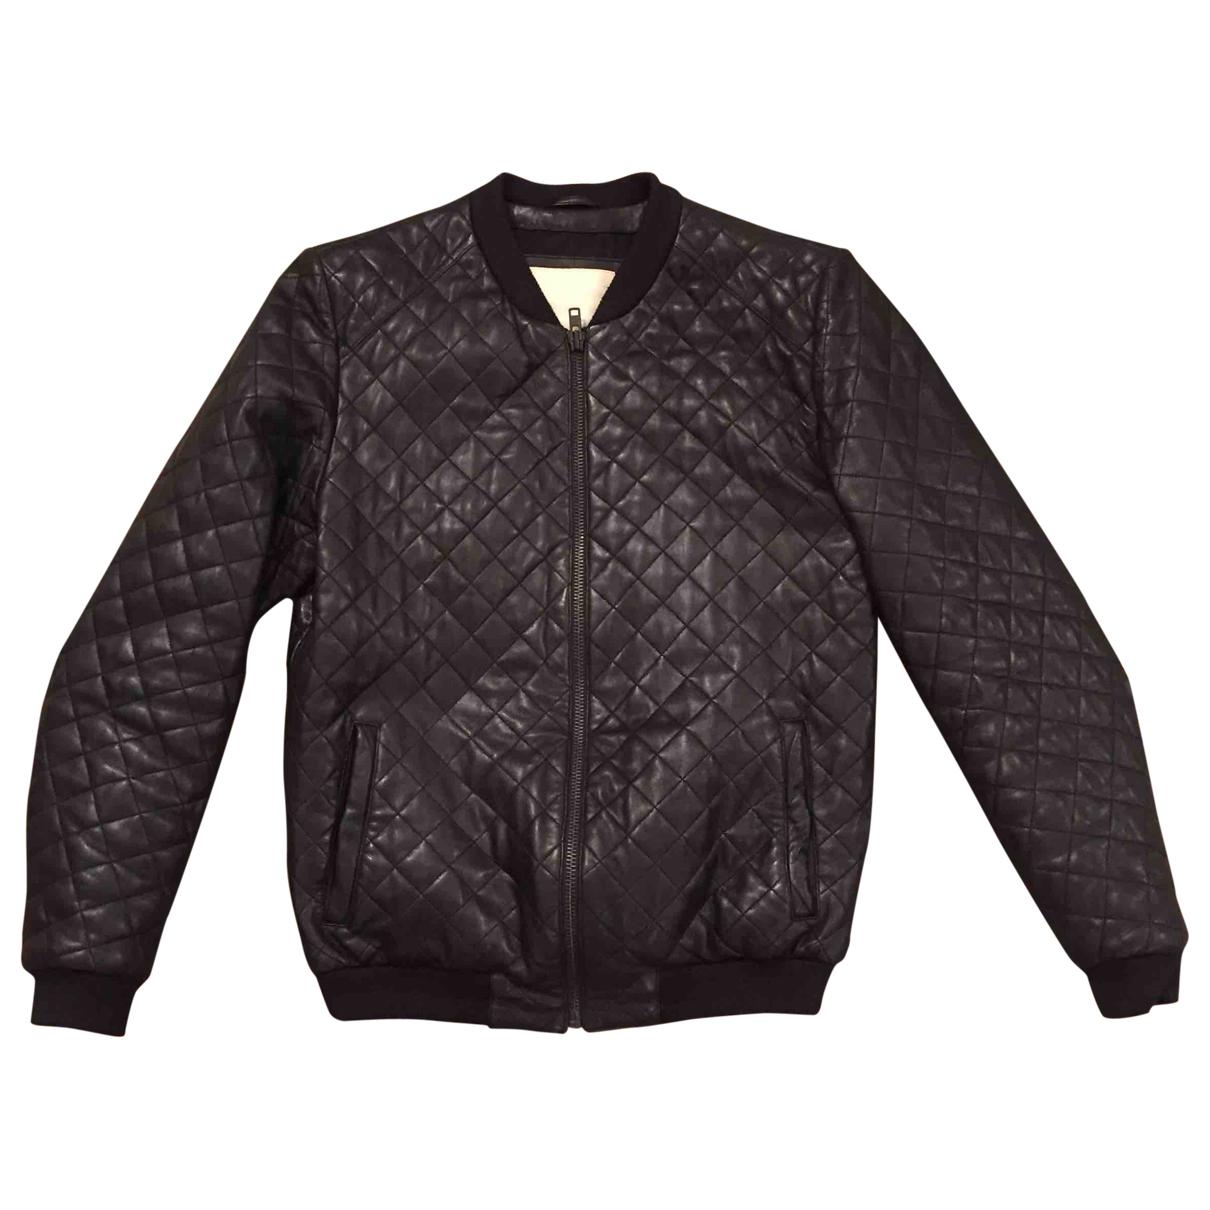 Rvlt - Manteau   pour homme en cuir - noir